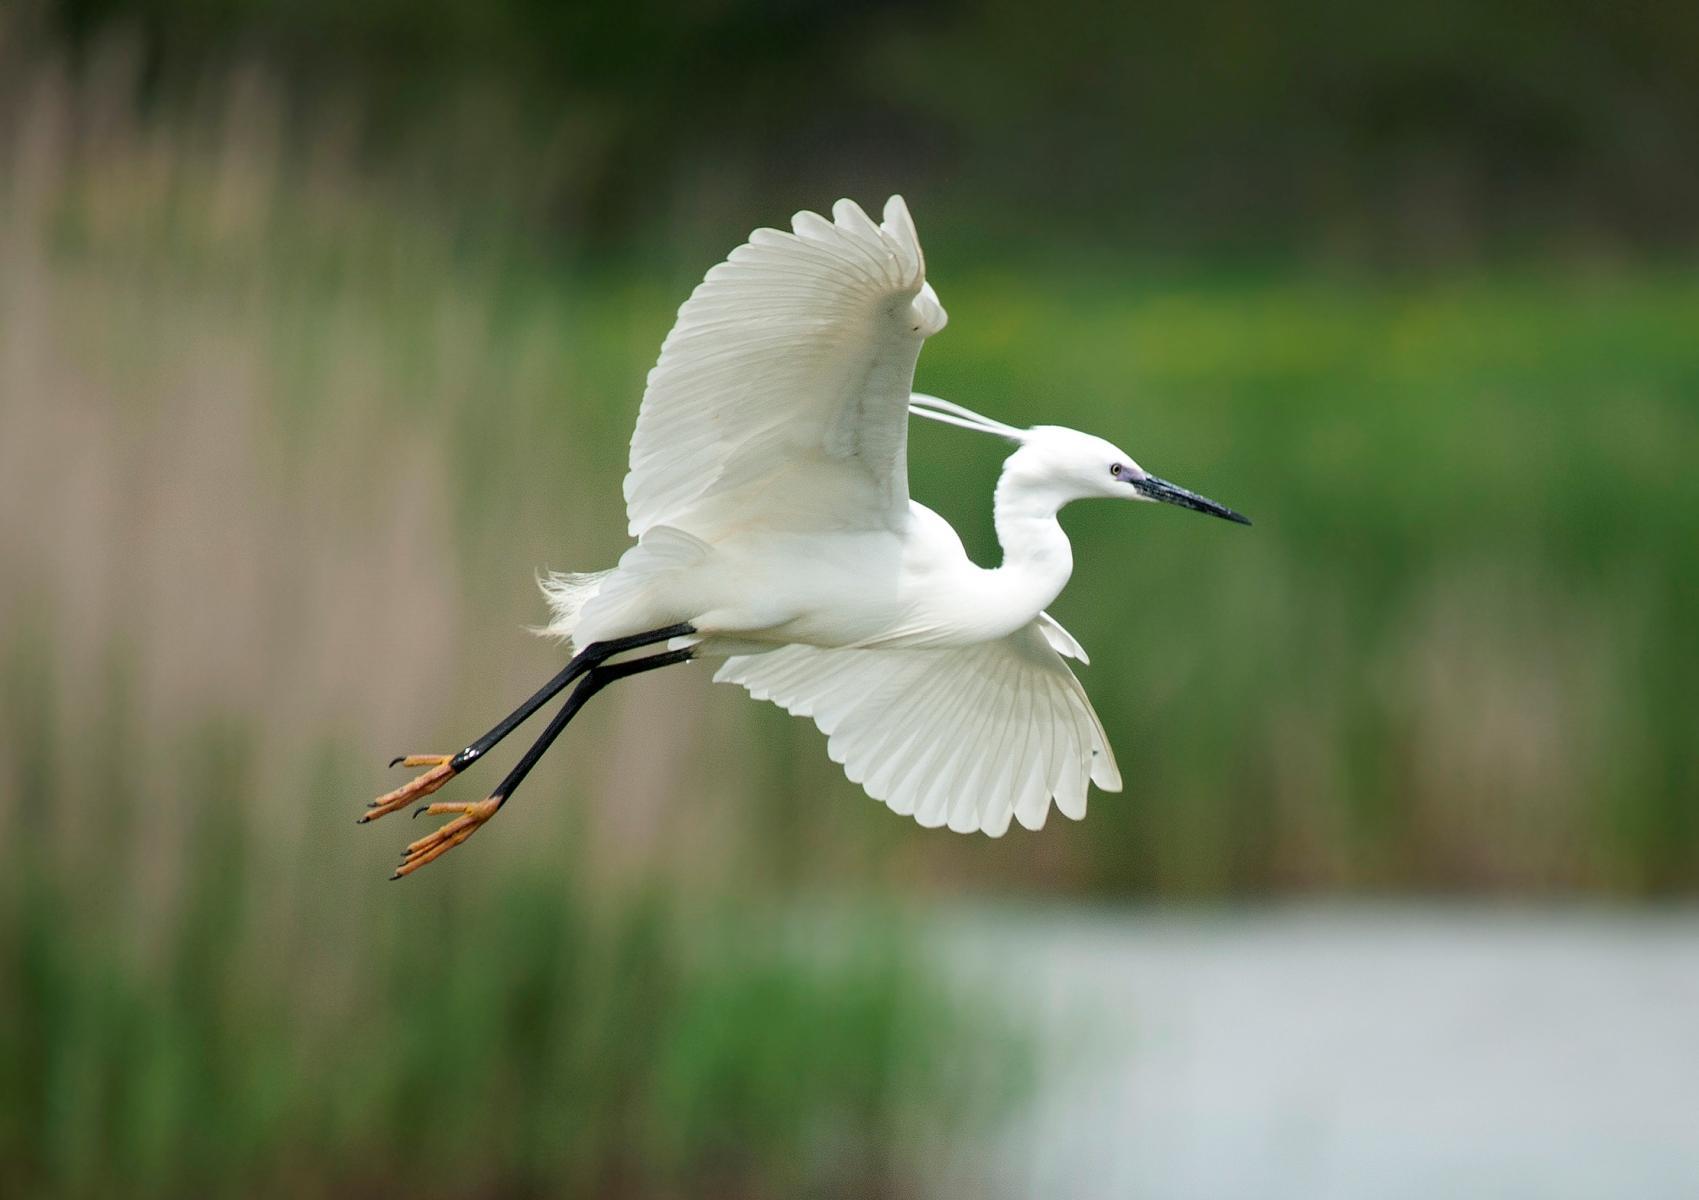 Little egret flying pictures